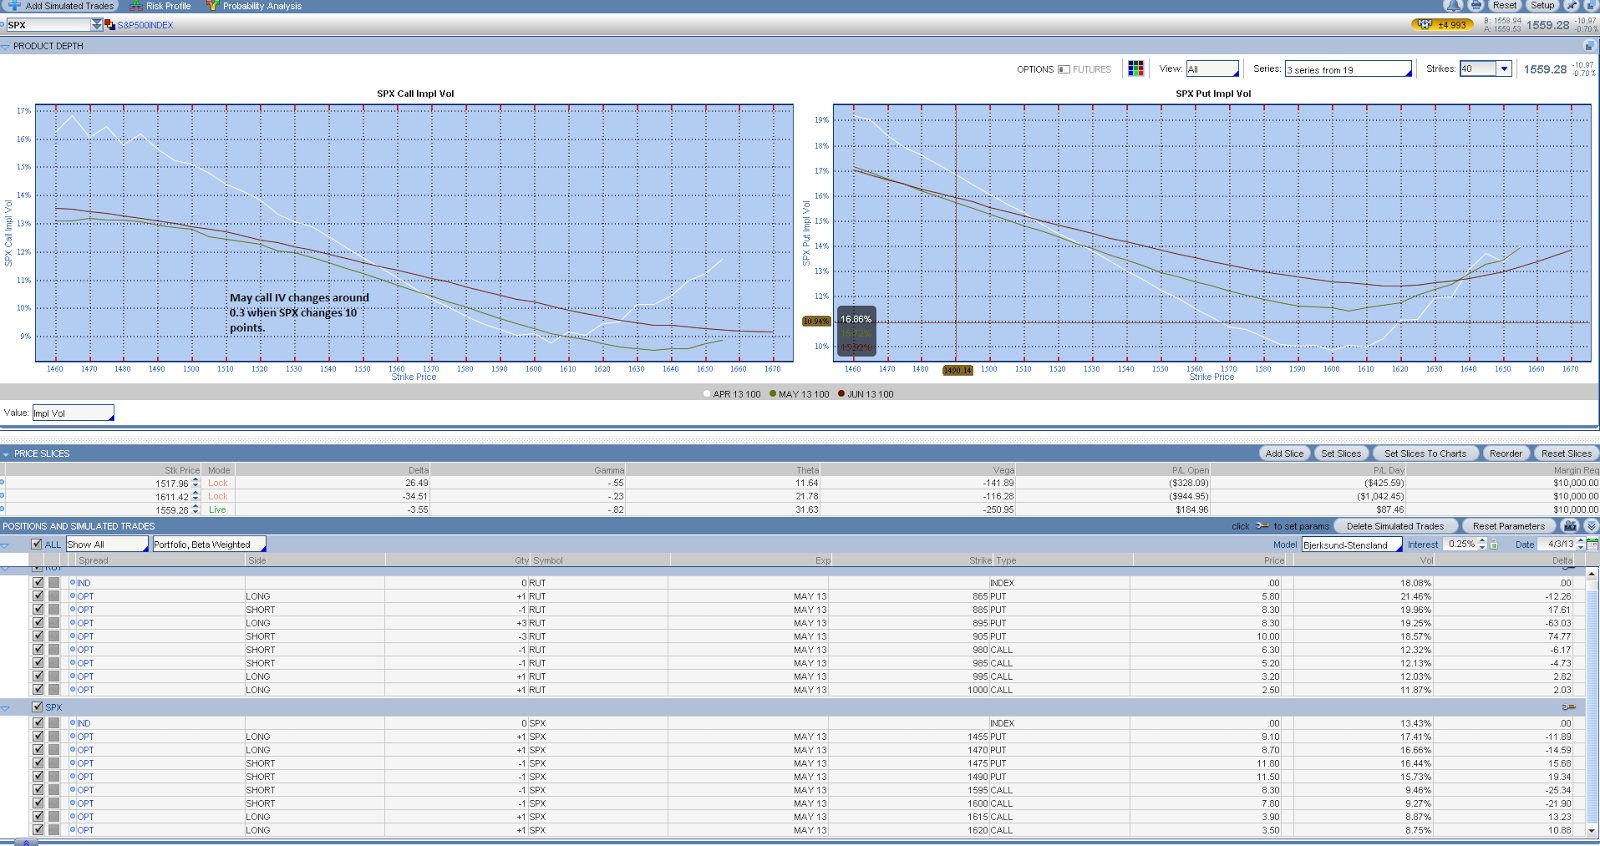 Smoothprofit: Estimating option volatility changes using